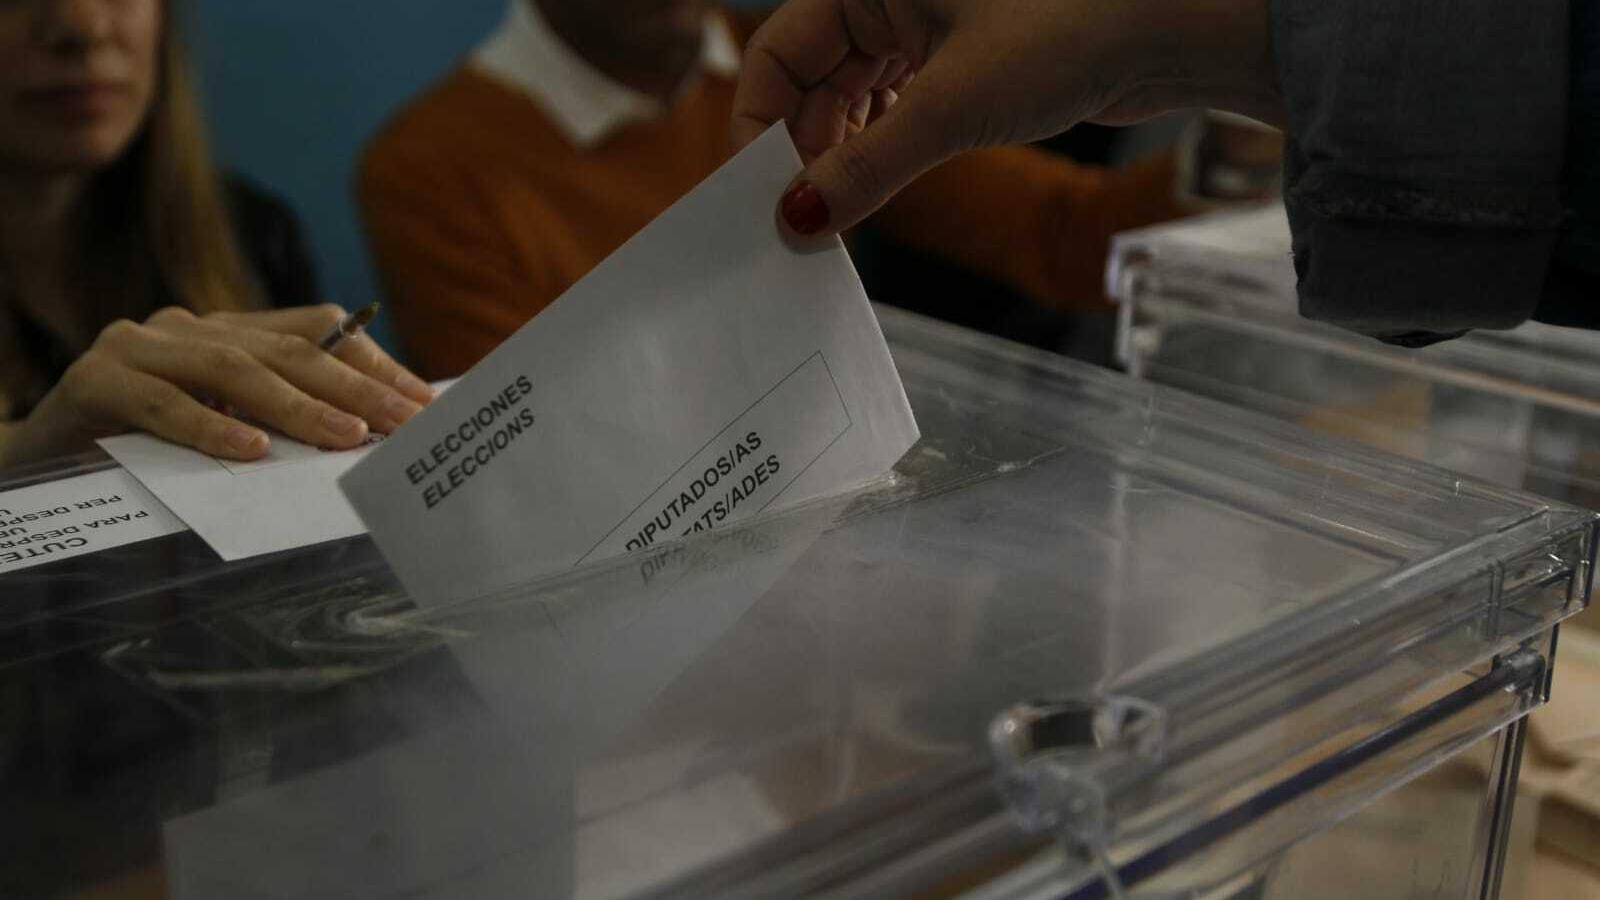 La participació a les eleccions generals està sent superior que als comicis de 2016.